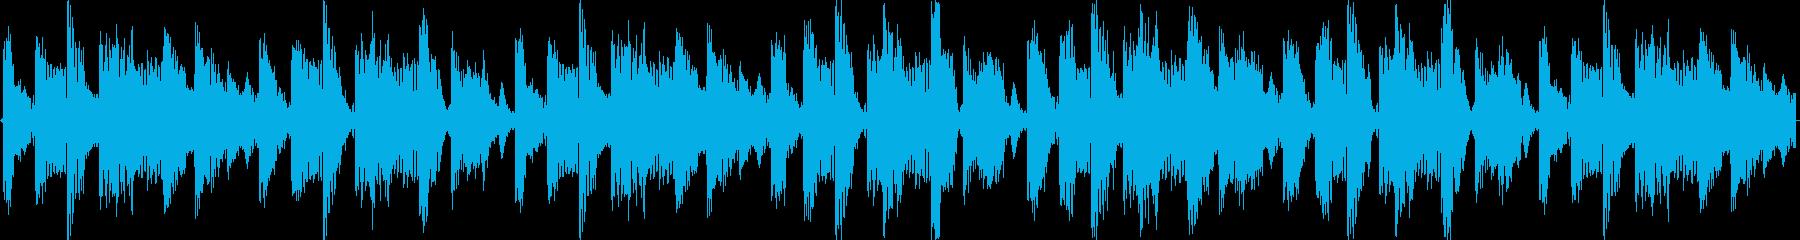 Breakメロディアスな新しい楽曲ですの再生済みの波形